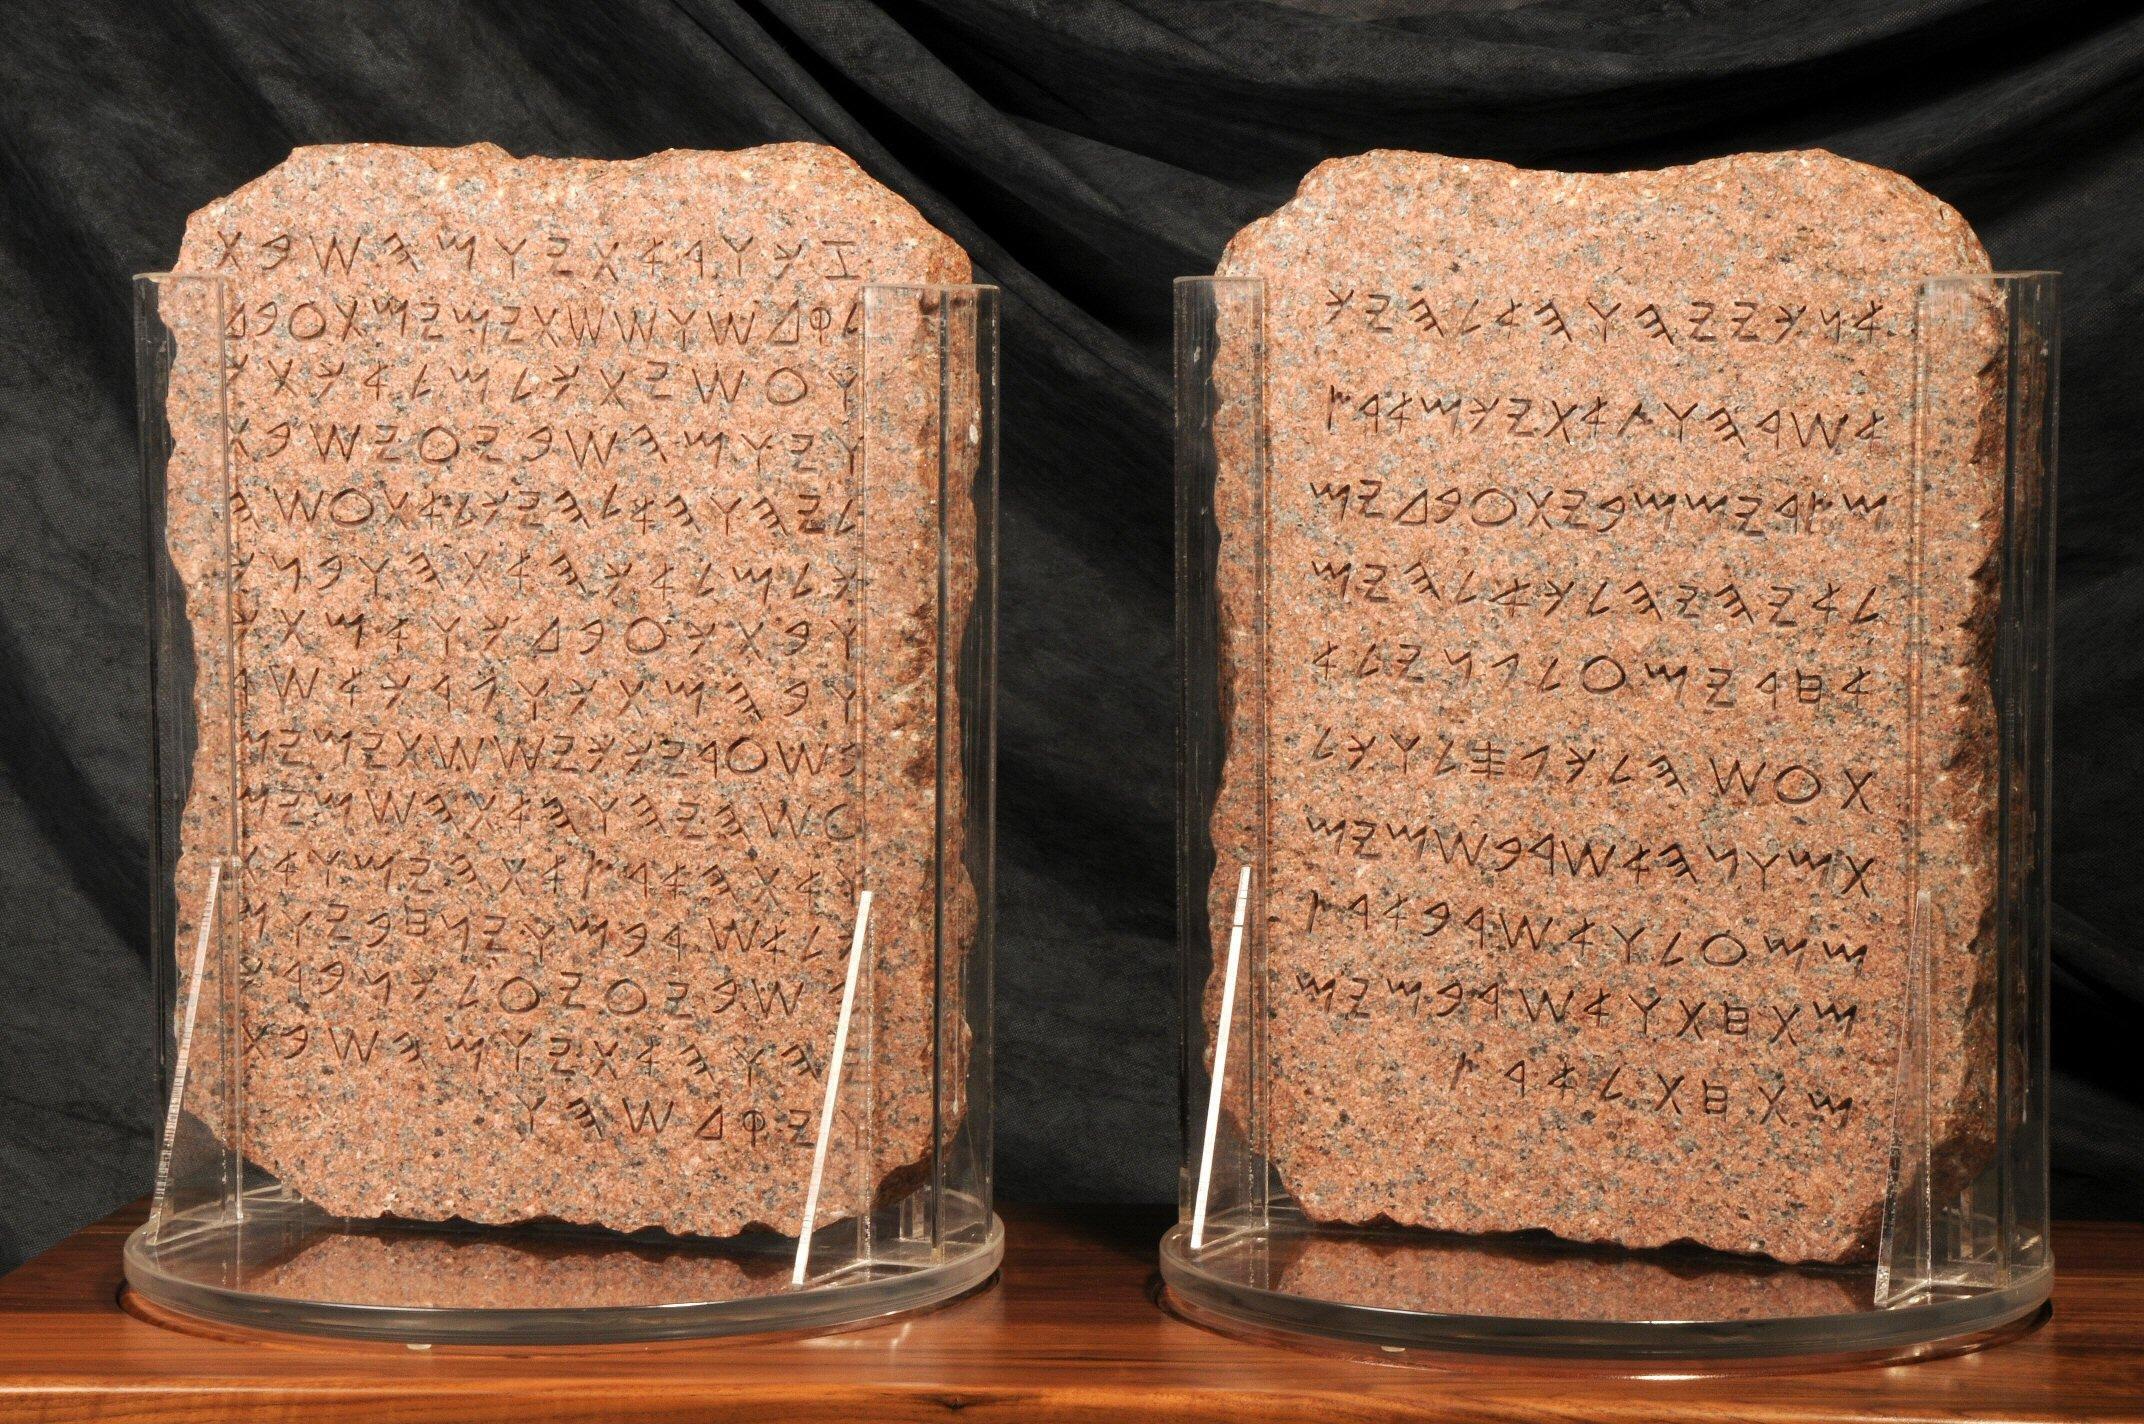 Günümüzde kullanılan pek çok modern alfabe, ilk kullanımı MÖ 1050 yıllarına dayanan Fenike alfabesinden türemiştir.